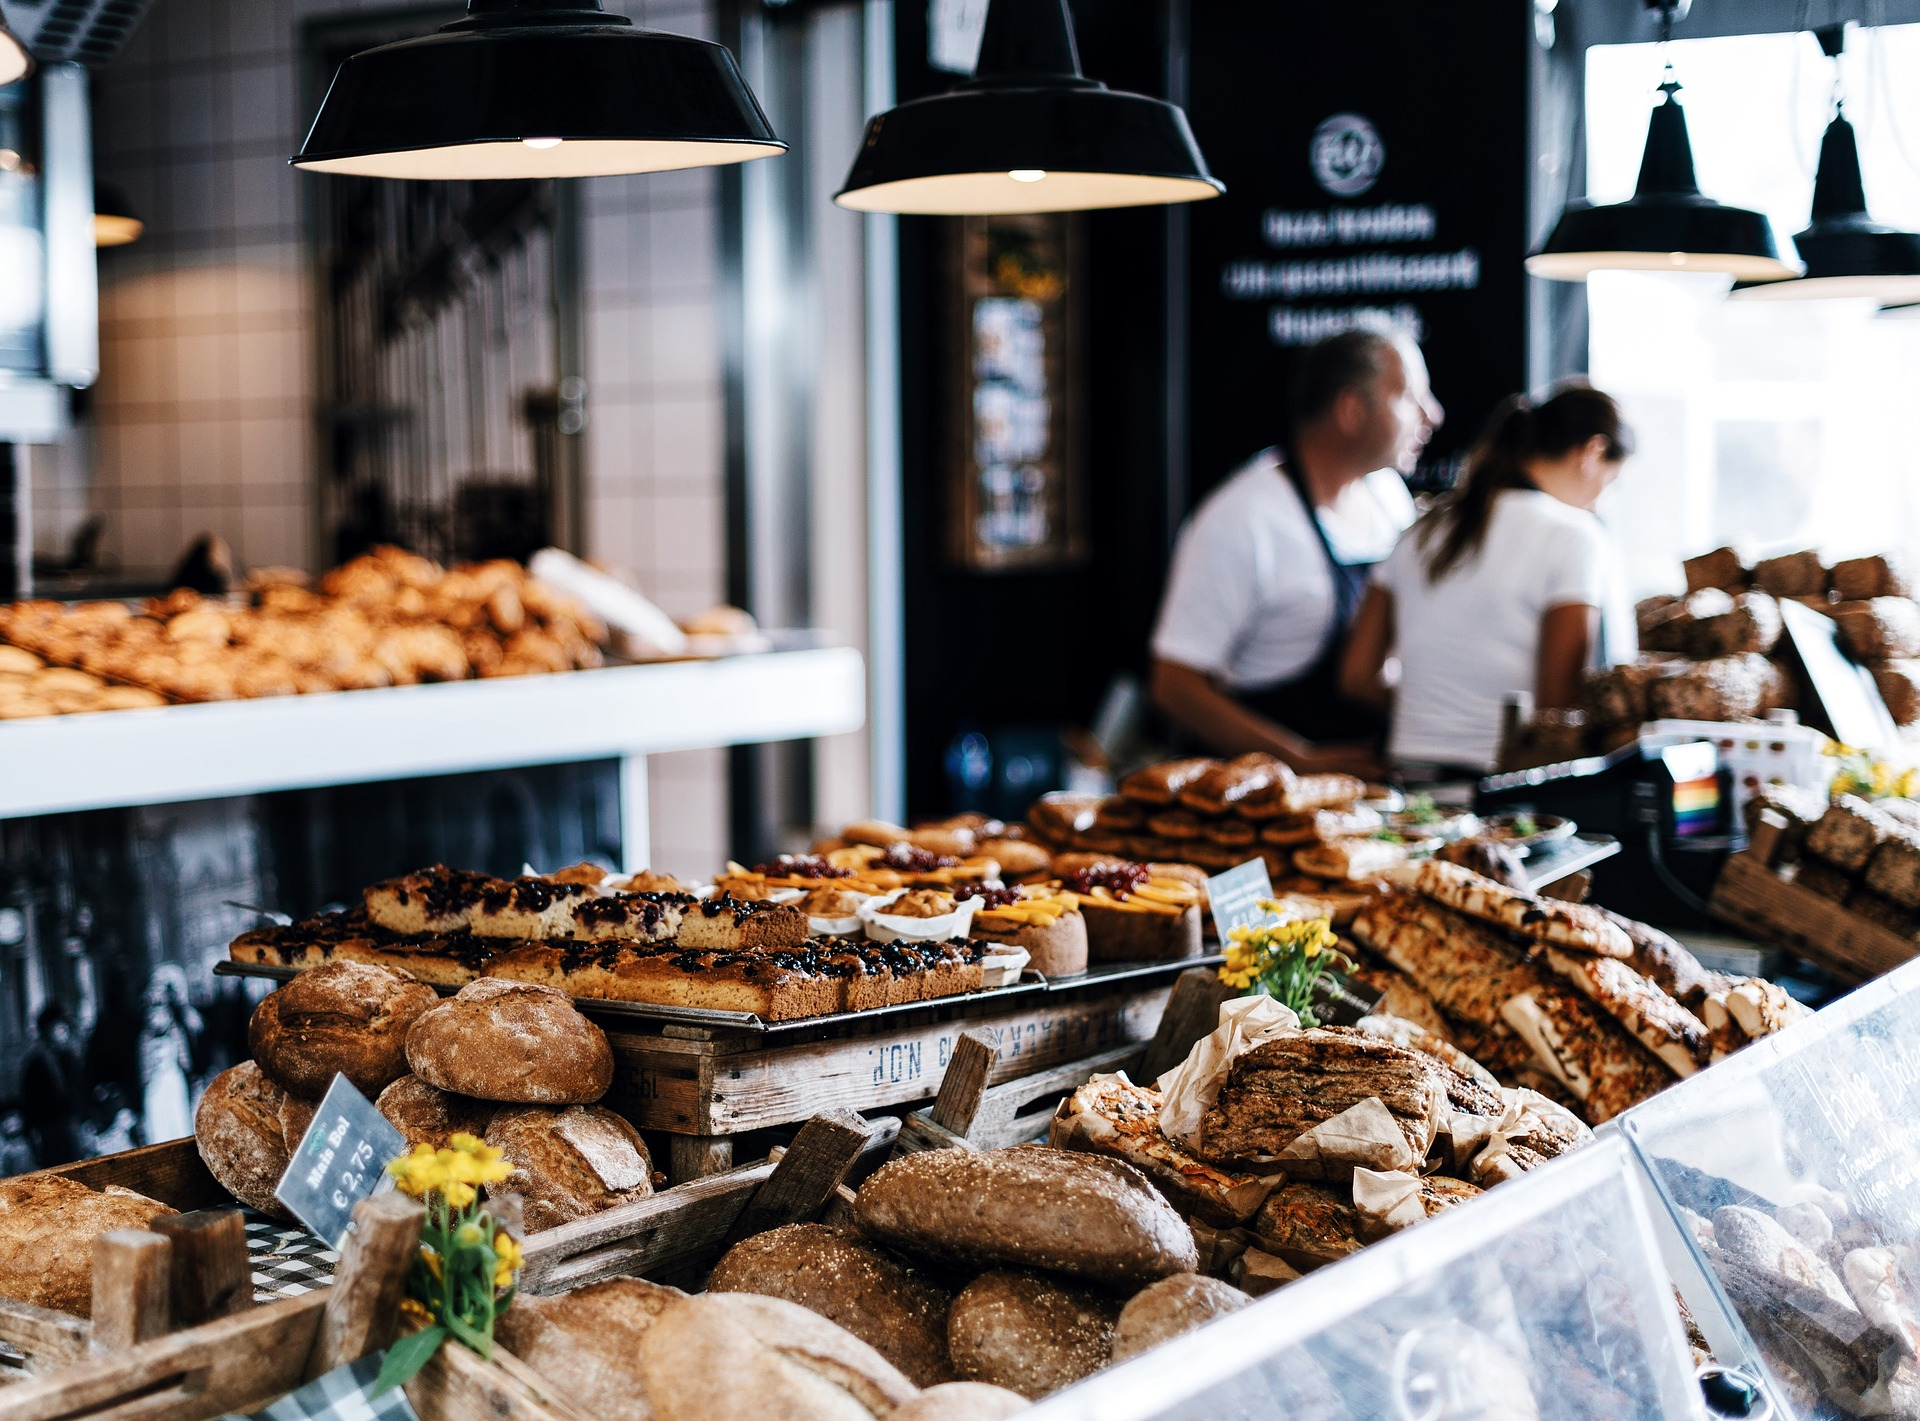 難波のパン屋ランキングTOP13!早朝営業のお店や行列のできる人気店まで!